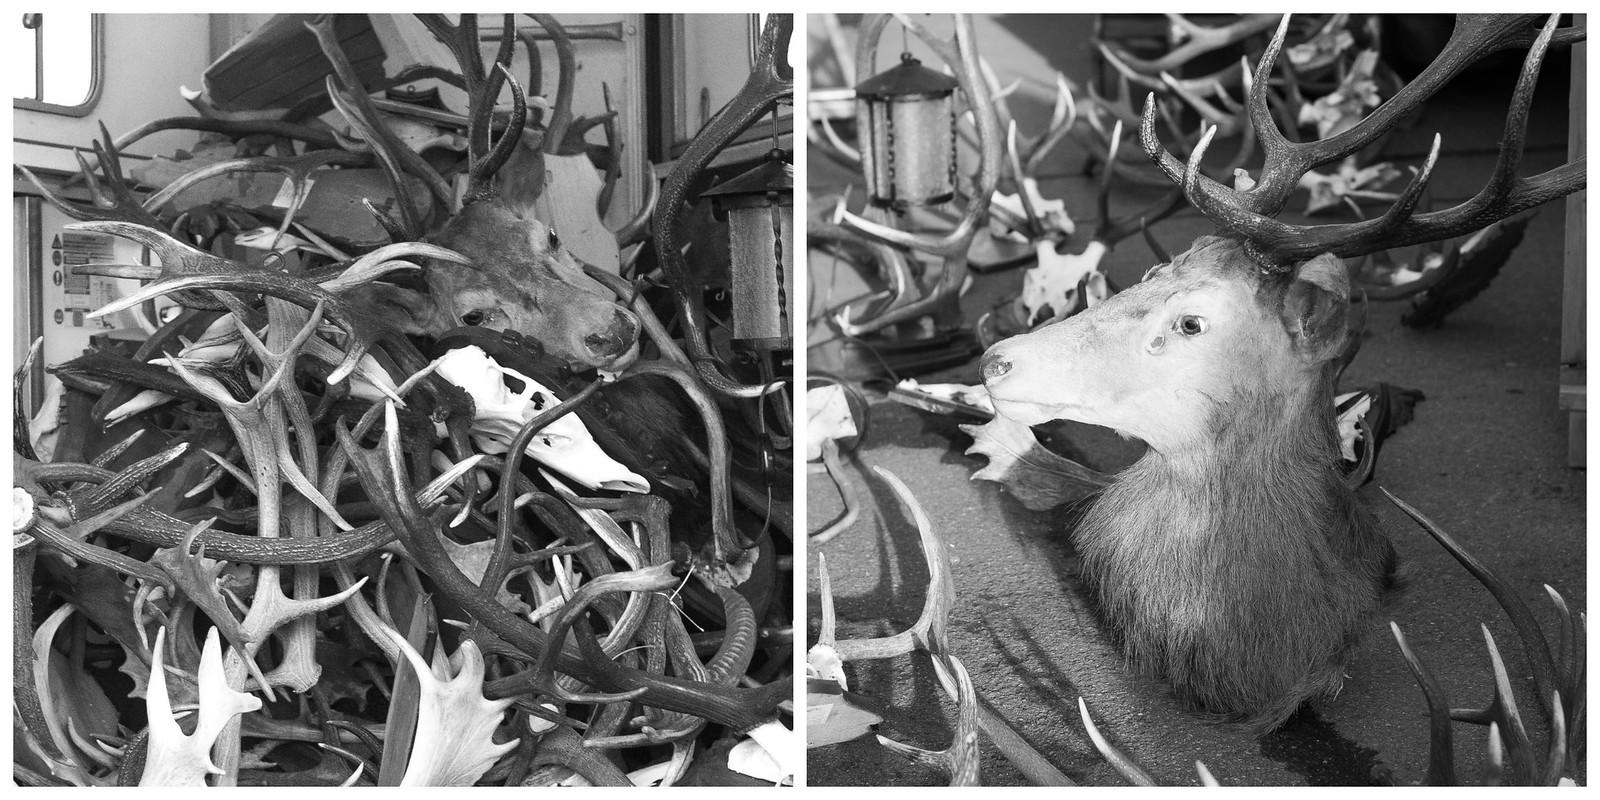 blog.antlers